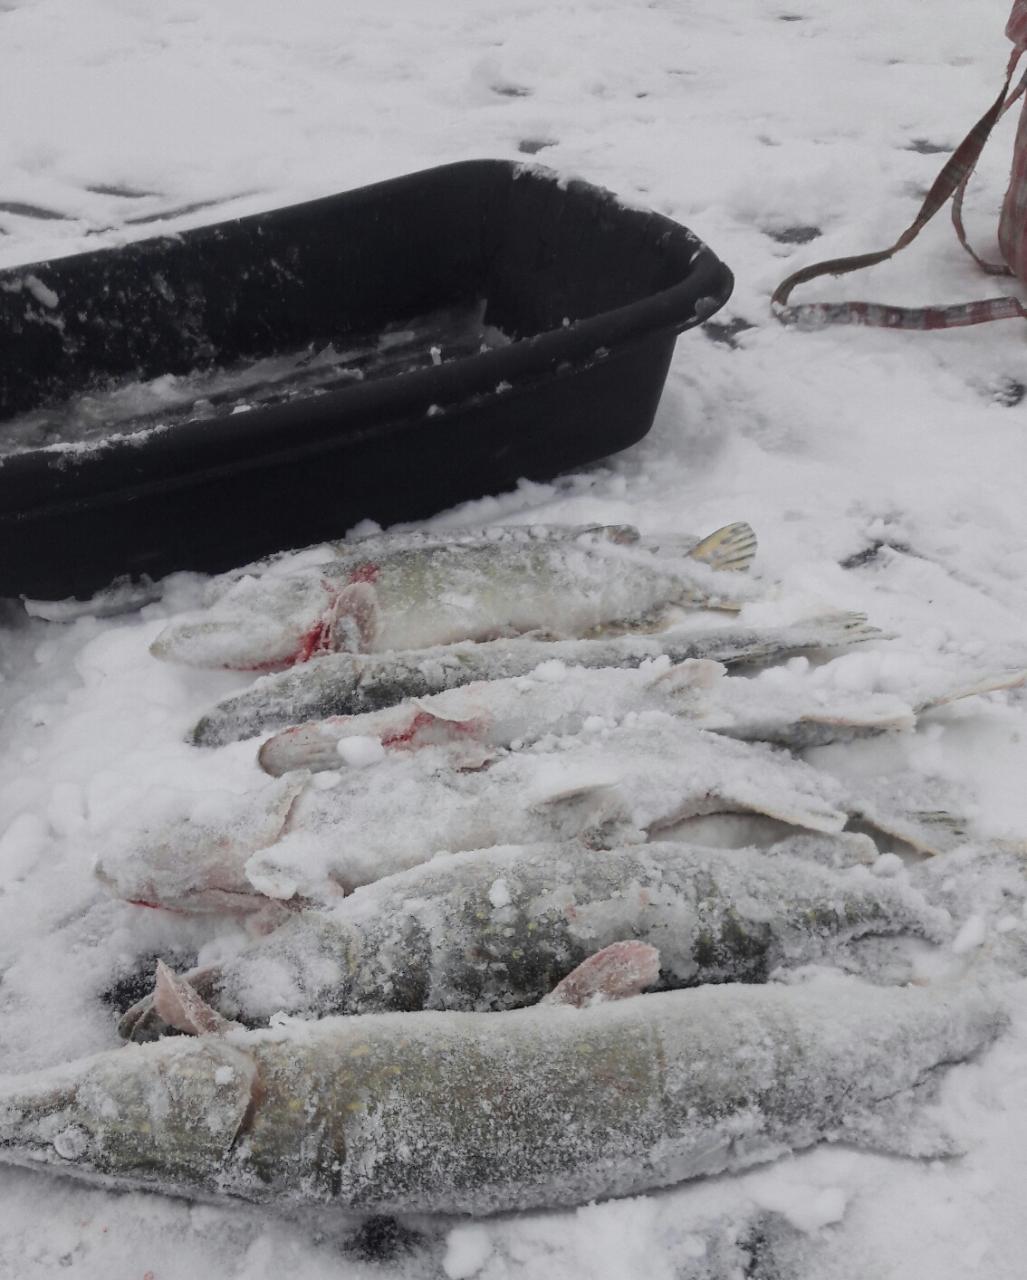 Щука есть на вв ,только клюёт по перволёдью ... | Отчеты о рыбалке в Беларуси